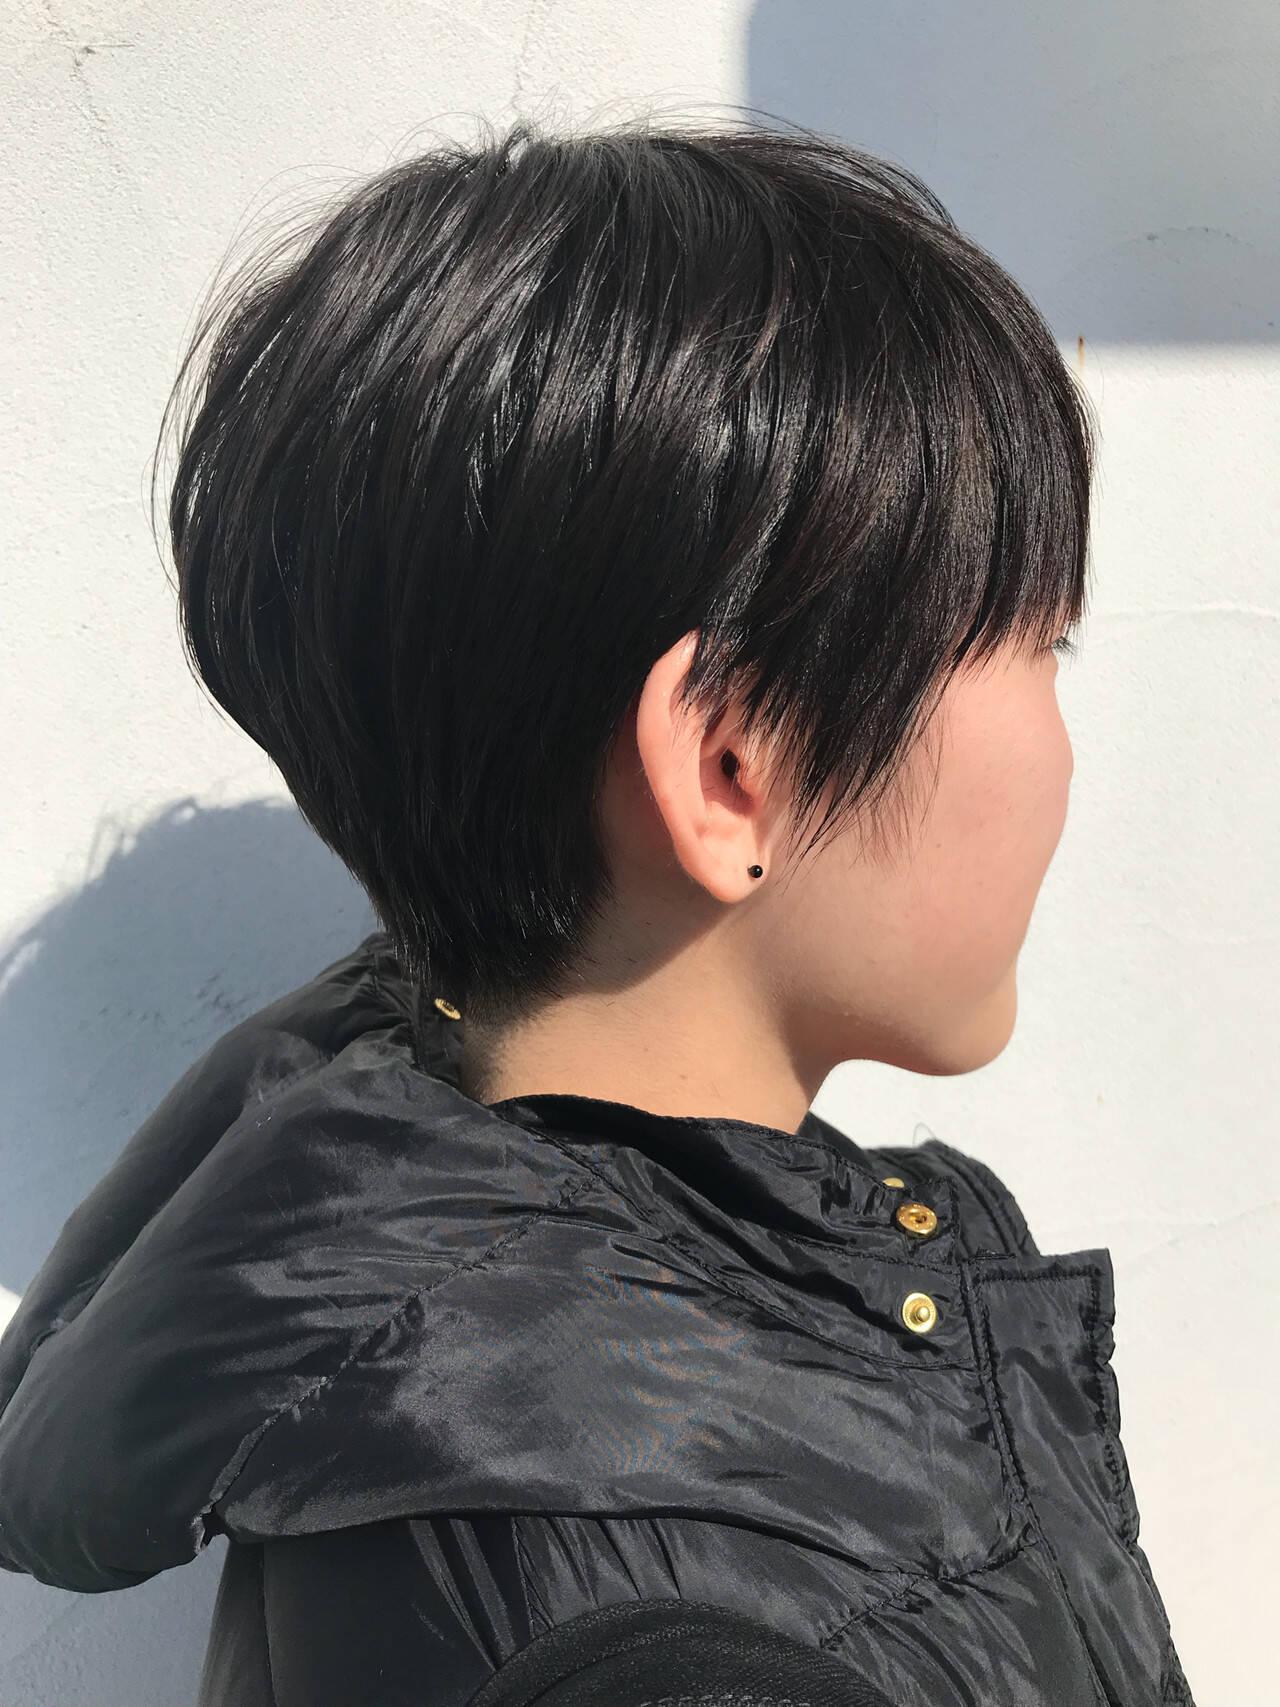 マッシュ マッシュショート ストリート ショートマッシュヘアスタイルや髪型の写真・画像